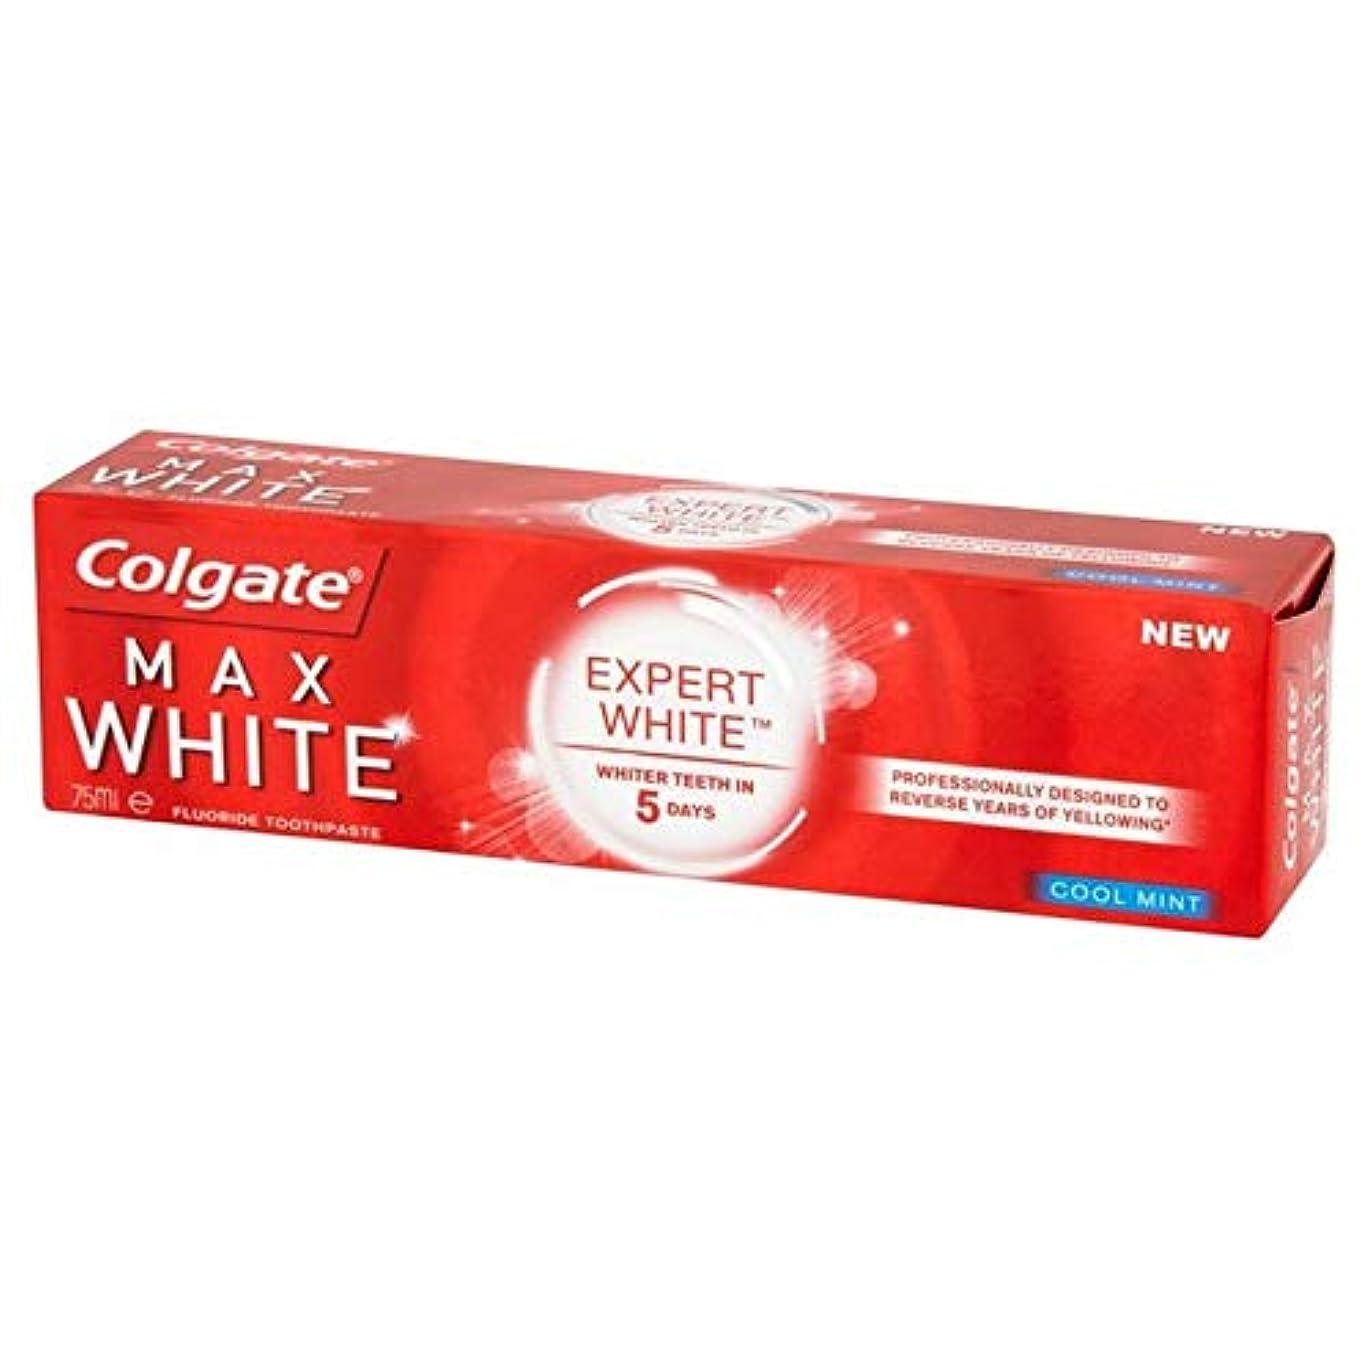 クレーン動的乳製品[Colgate ] コルゲート最大白の専門家クールミントホワイトニング歯磨き粉75ミリリットル - Colgate Max White Expert Cool Mint Whitening Toothpaste 75ml...